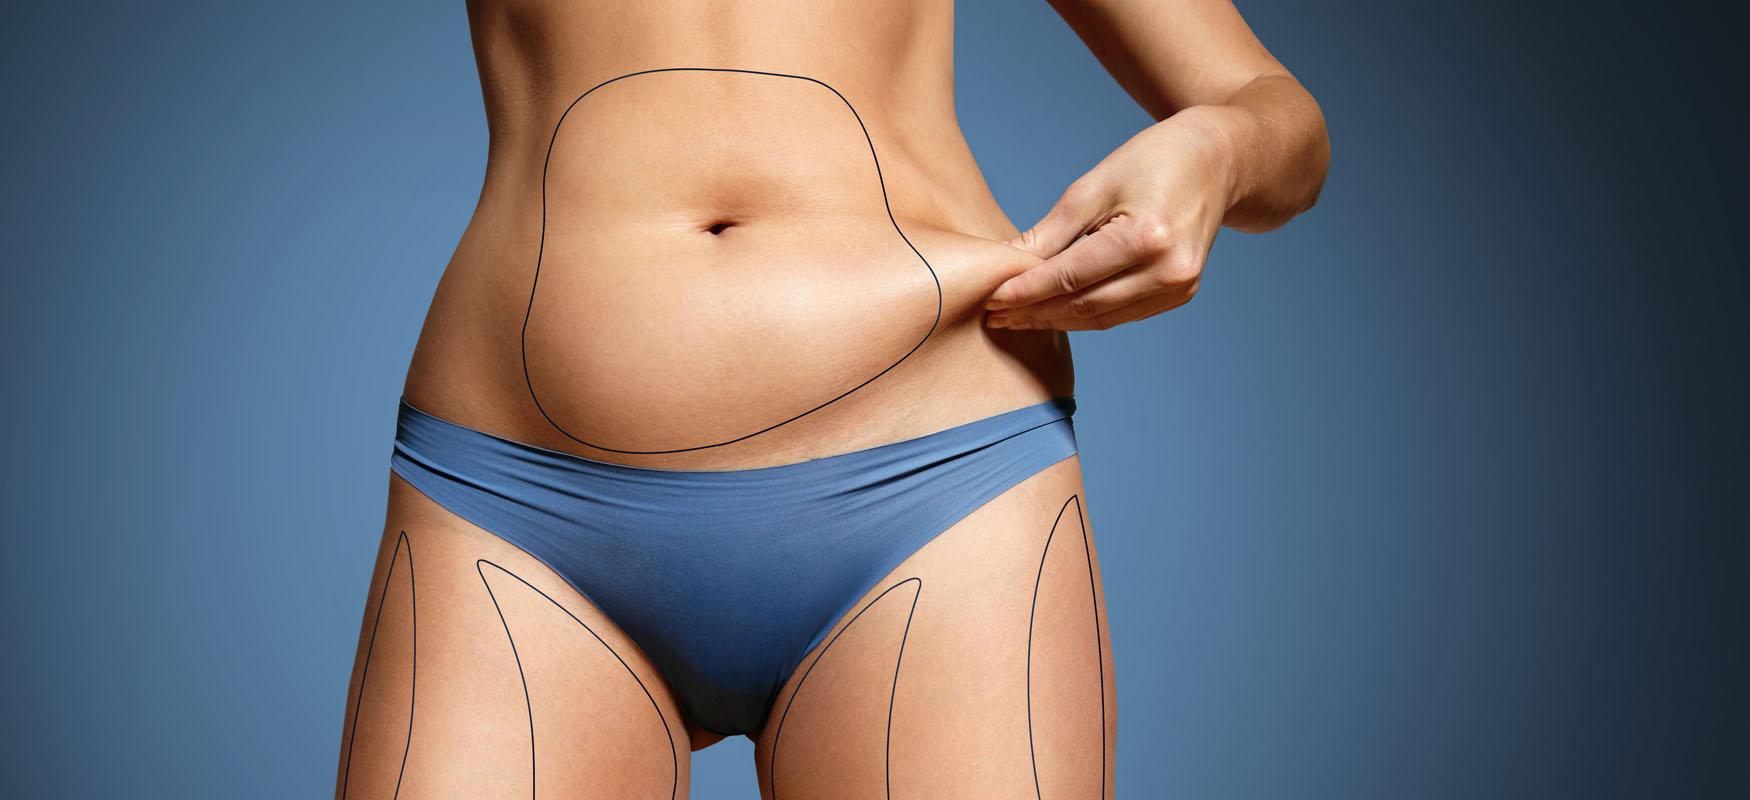 Liposukcja – odsysanie tłuszczu zbrzucha inietylko